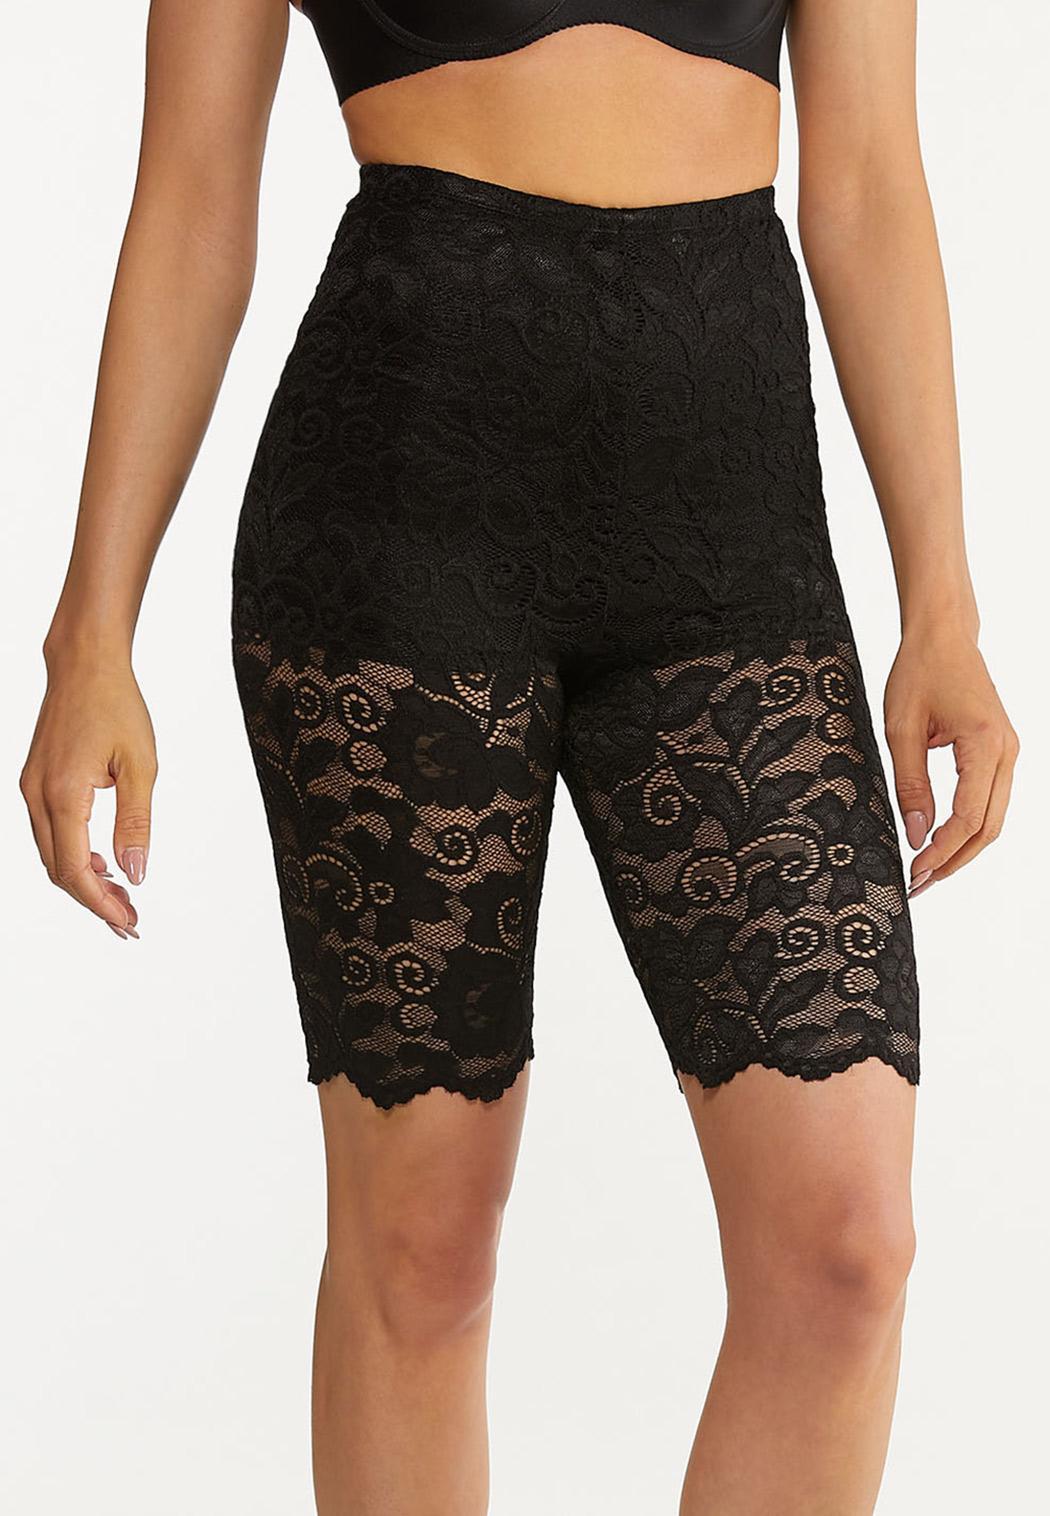 Plus Size Lace Shapewear Shorts